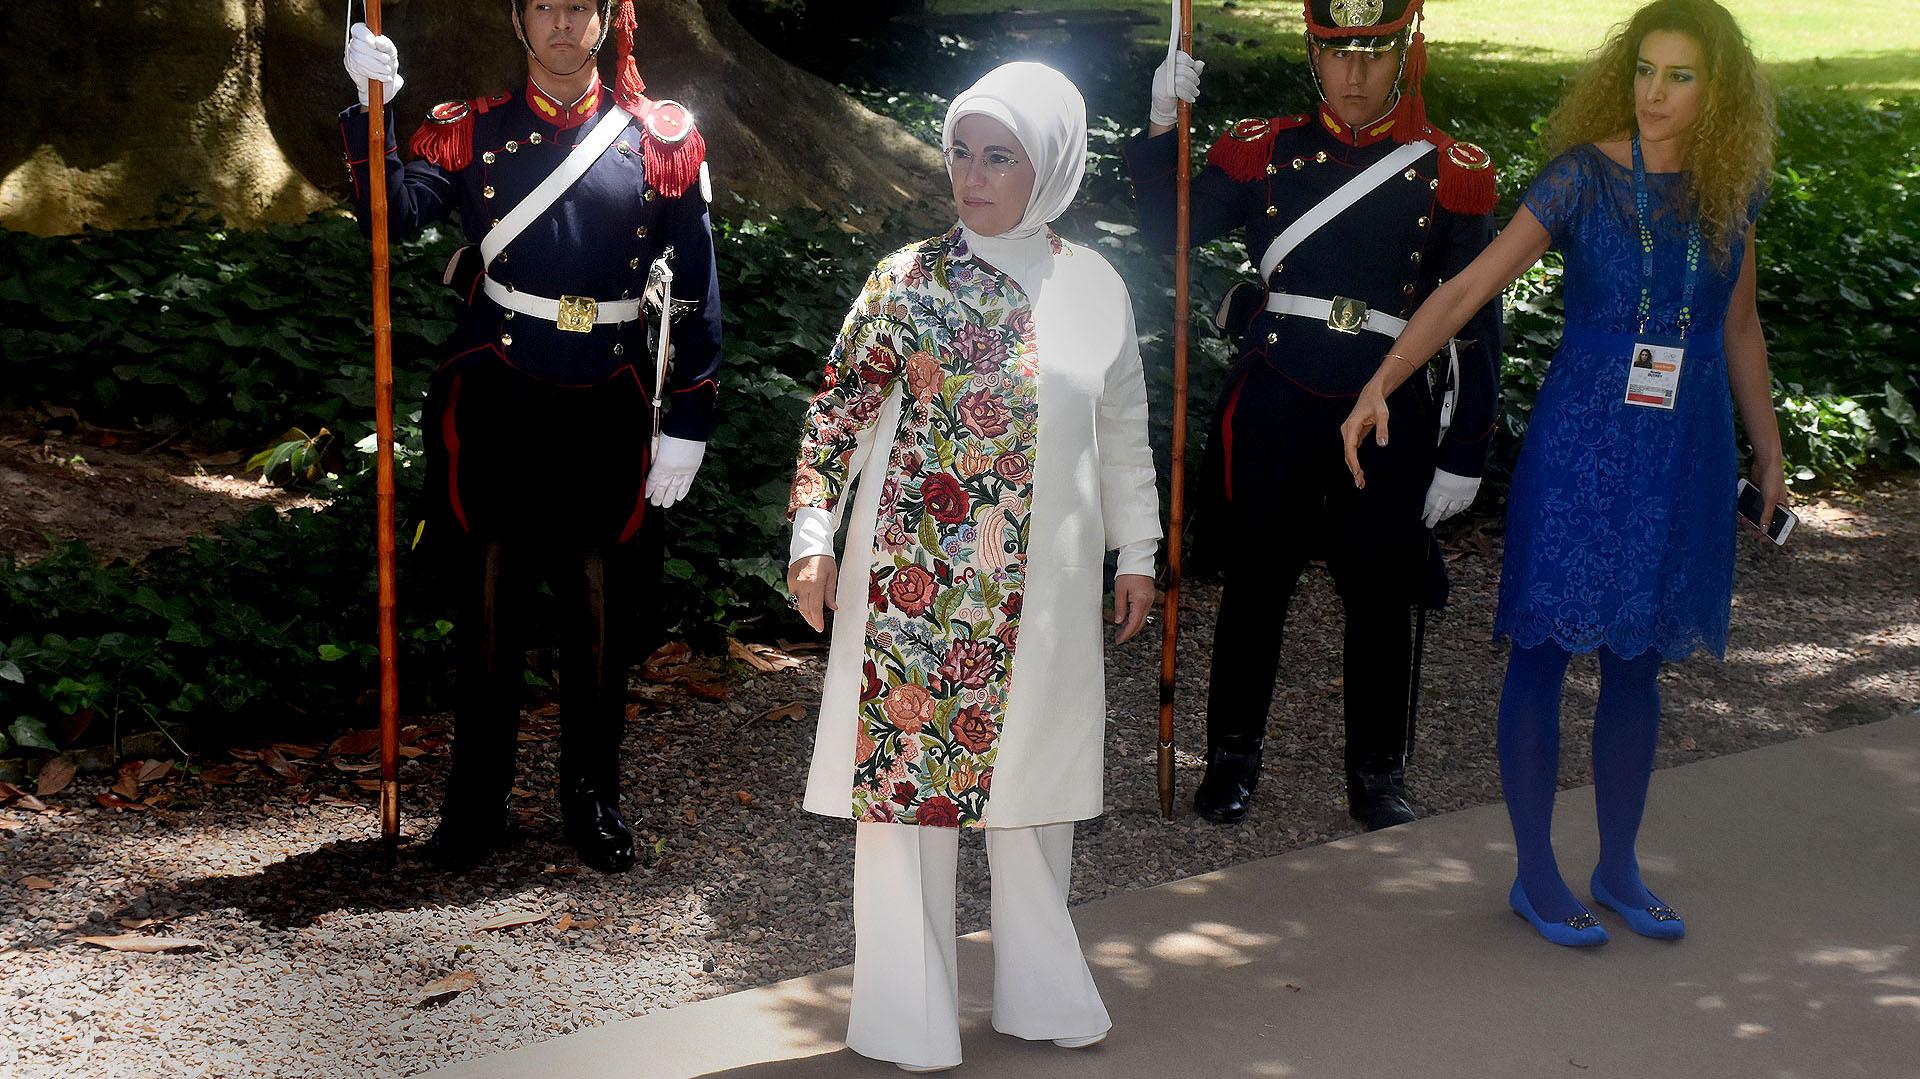 Emine Erdogan, la primera dama de Turquía apostó por el total white con estampado floreado. El tradicional hijab que indica la religión, pantalón largo y zapatos blancos